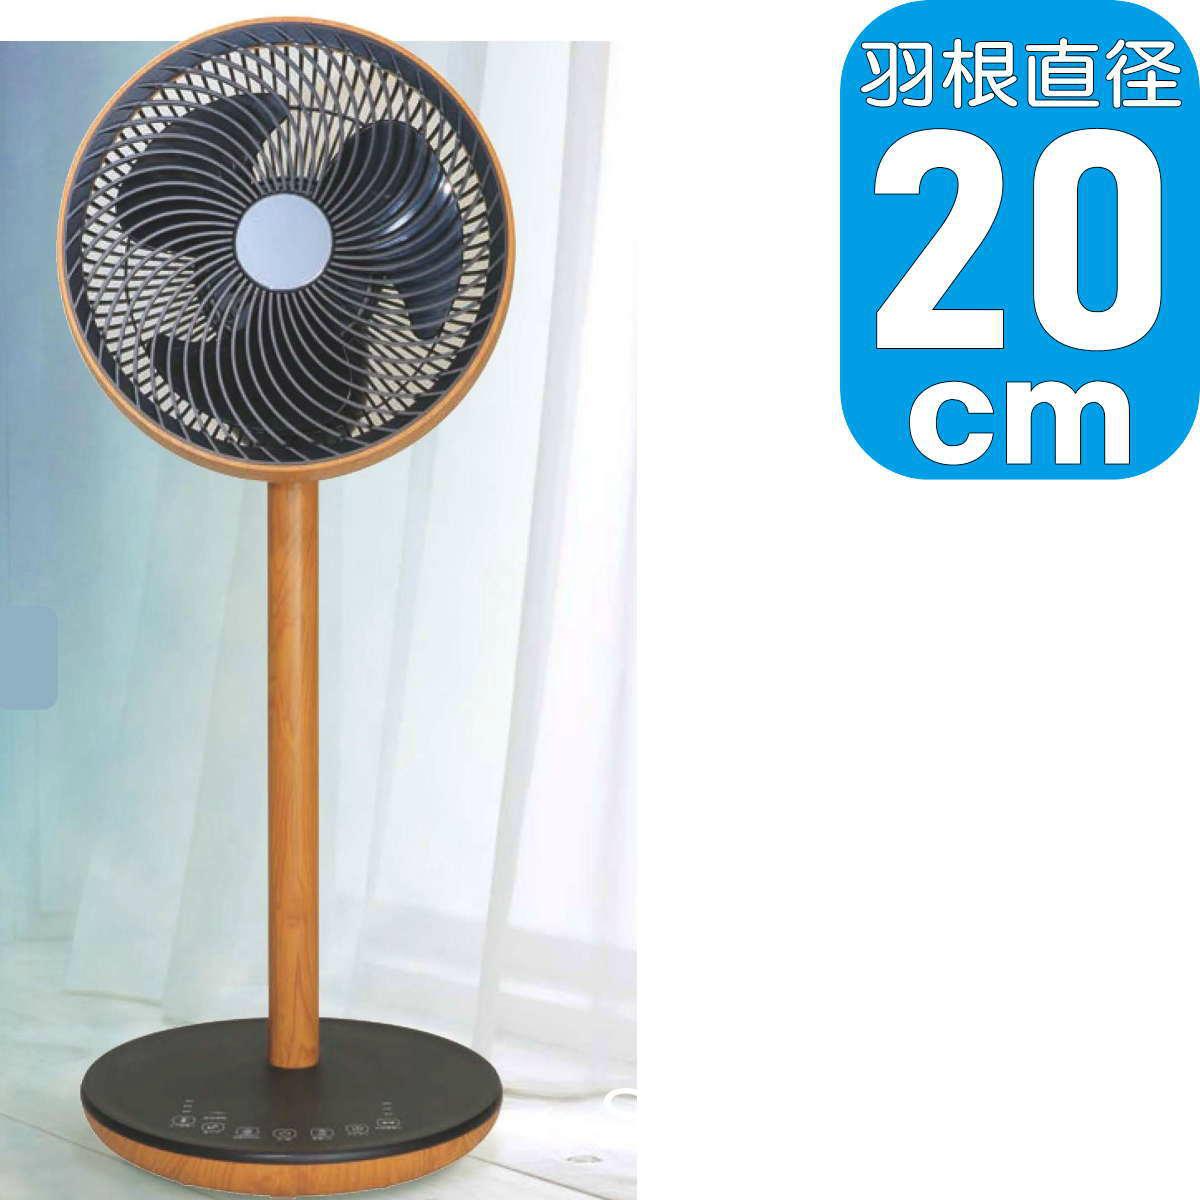 新生活 スムーズに真上まで動く上下左右立体首振りDC扇風機 あす楽 人気 2021年型 SKJ リビング扇風機 SKJ-SY20DC 1年保証 M 立体首振り機能 木目調 DCモーター搭載 エスケイジャパン